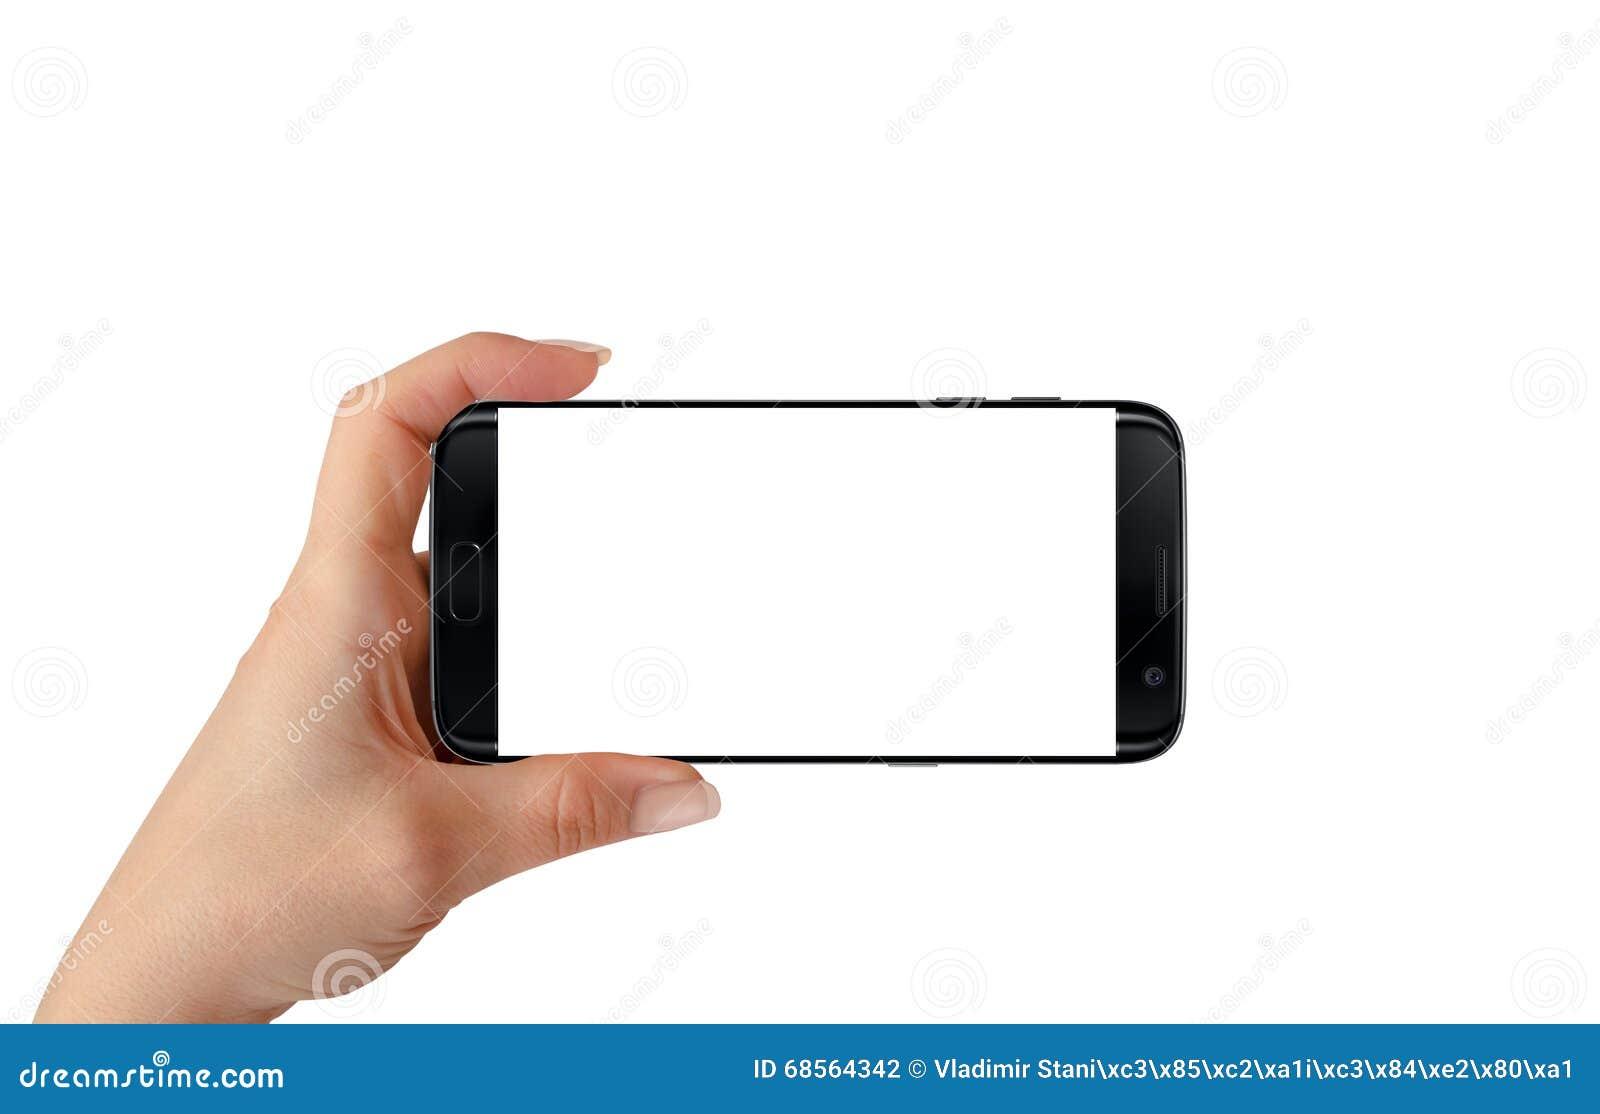 Nowożytny odosobniony czarny mądrze telefon w kobiety ręce w horyzontalnej pozyci